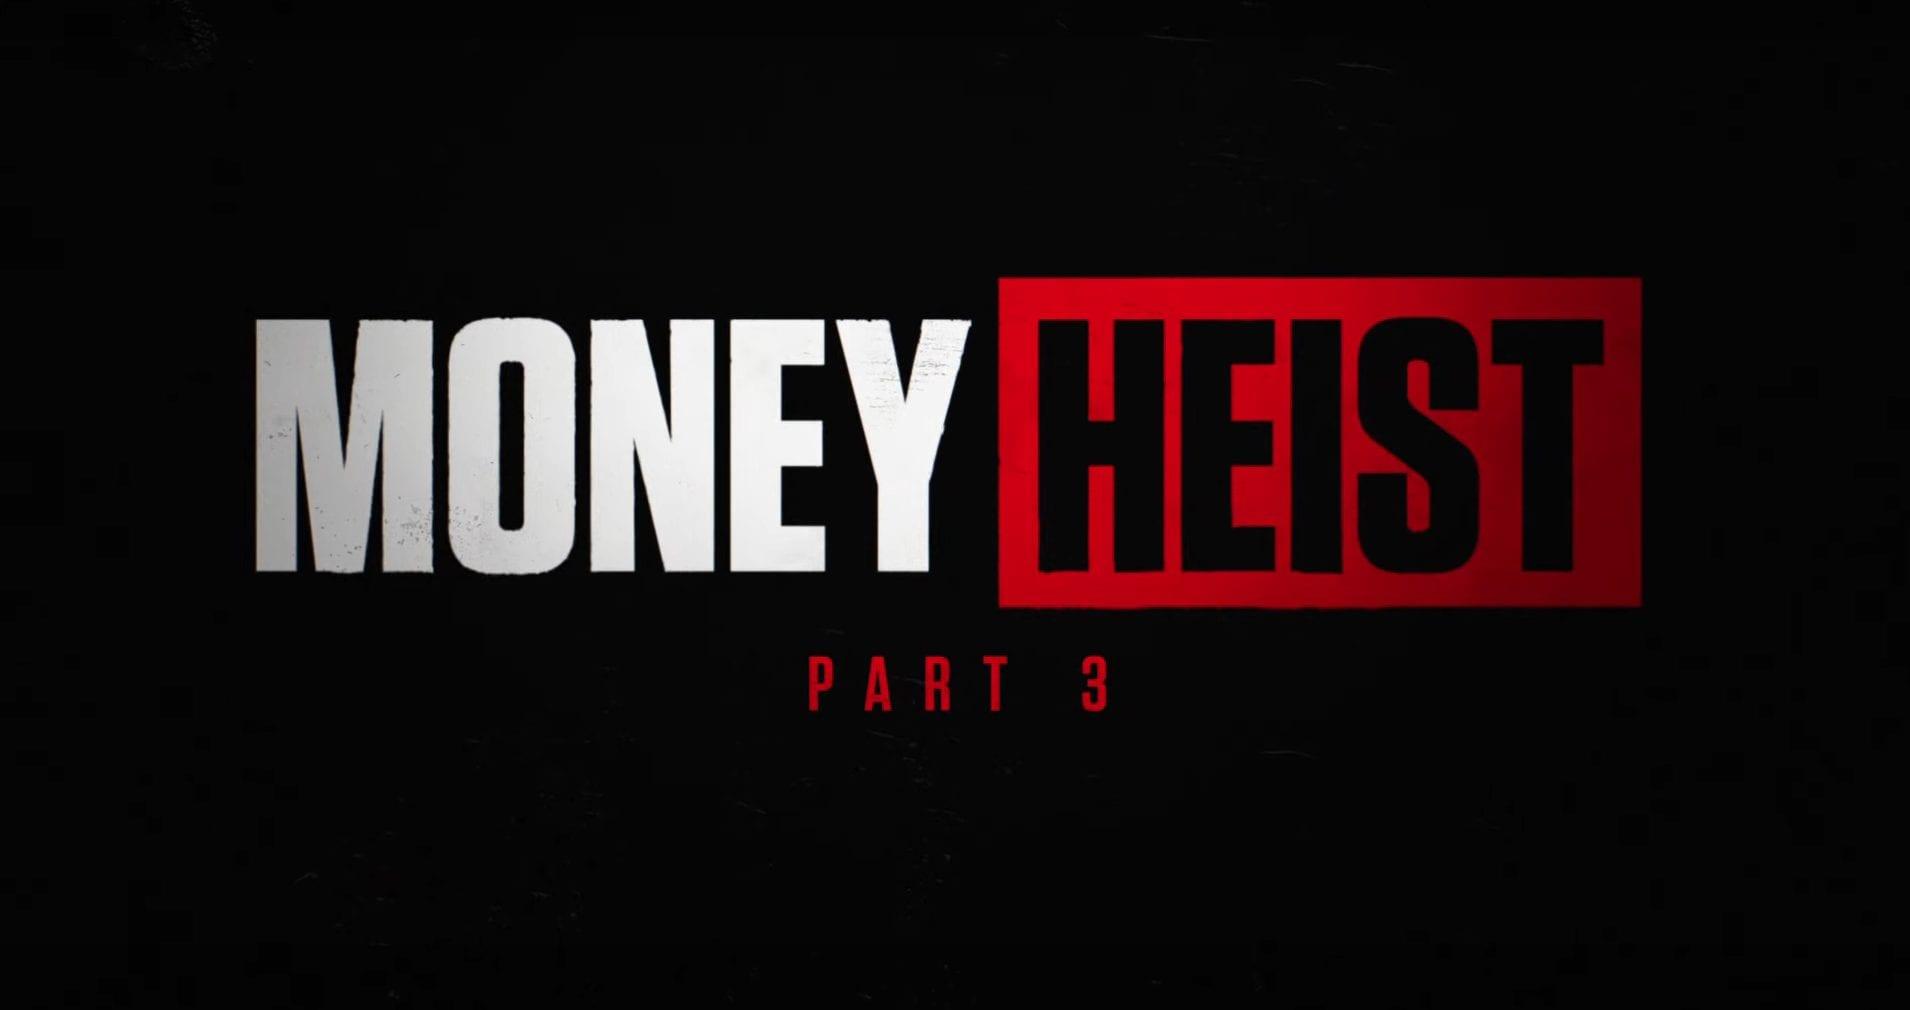 Index of Money Heist / La Casa de Papel Season 3 With